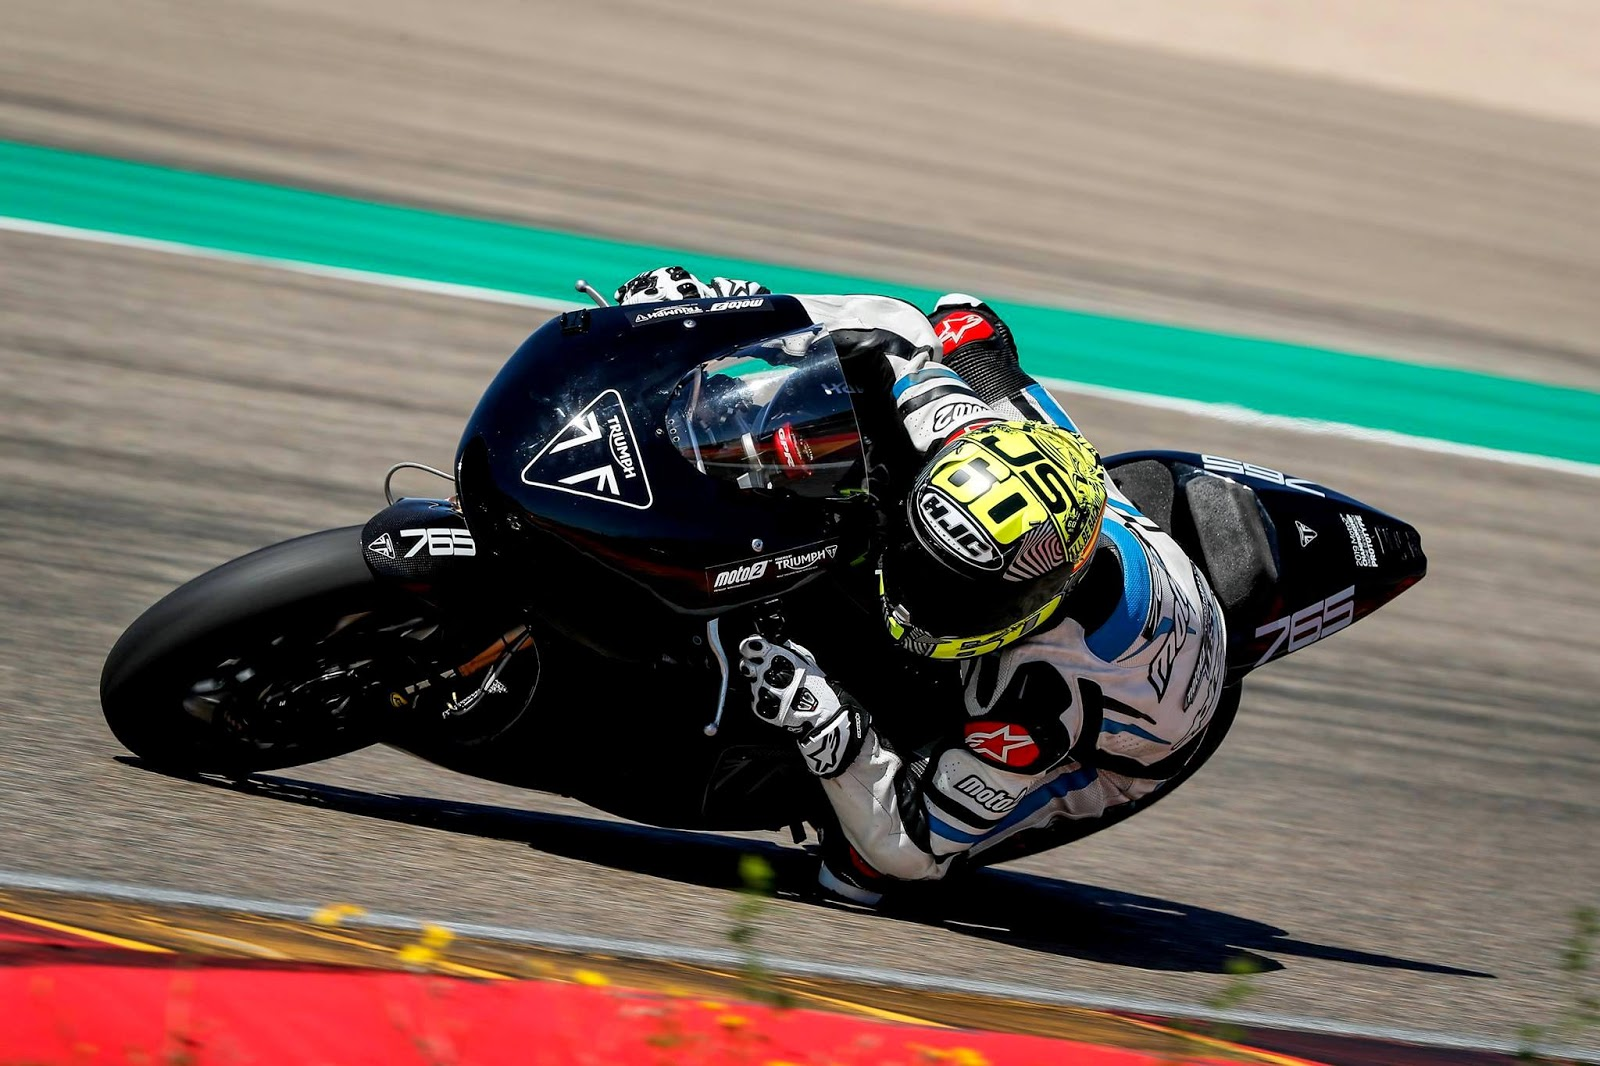 Mesin Triumph Moto2 Jalani Uji Coba dengan ECU Magneti Marelli di Sirkuit Aragon